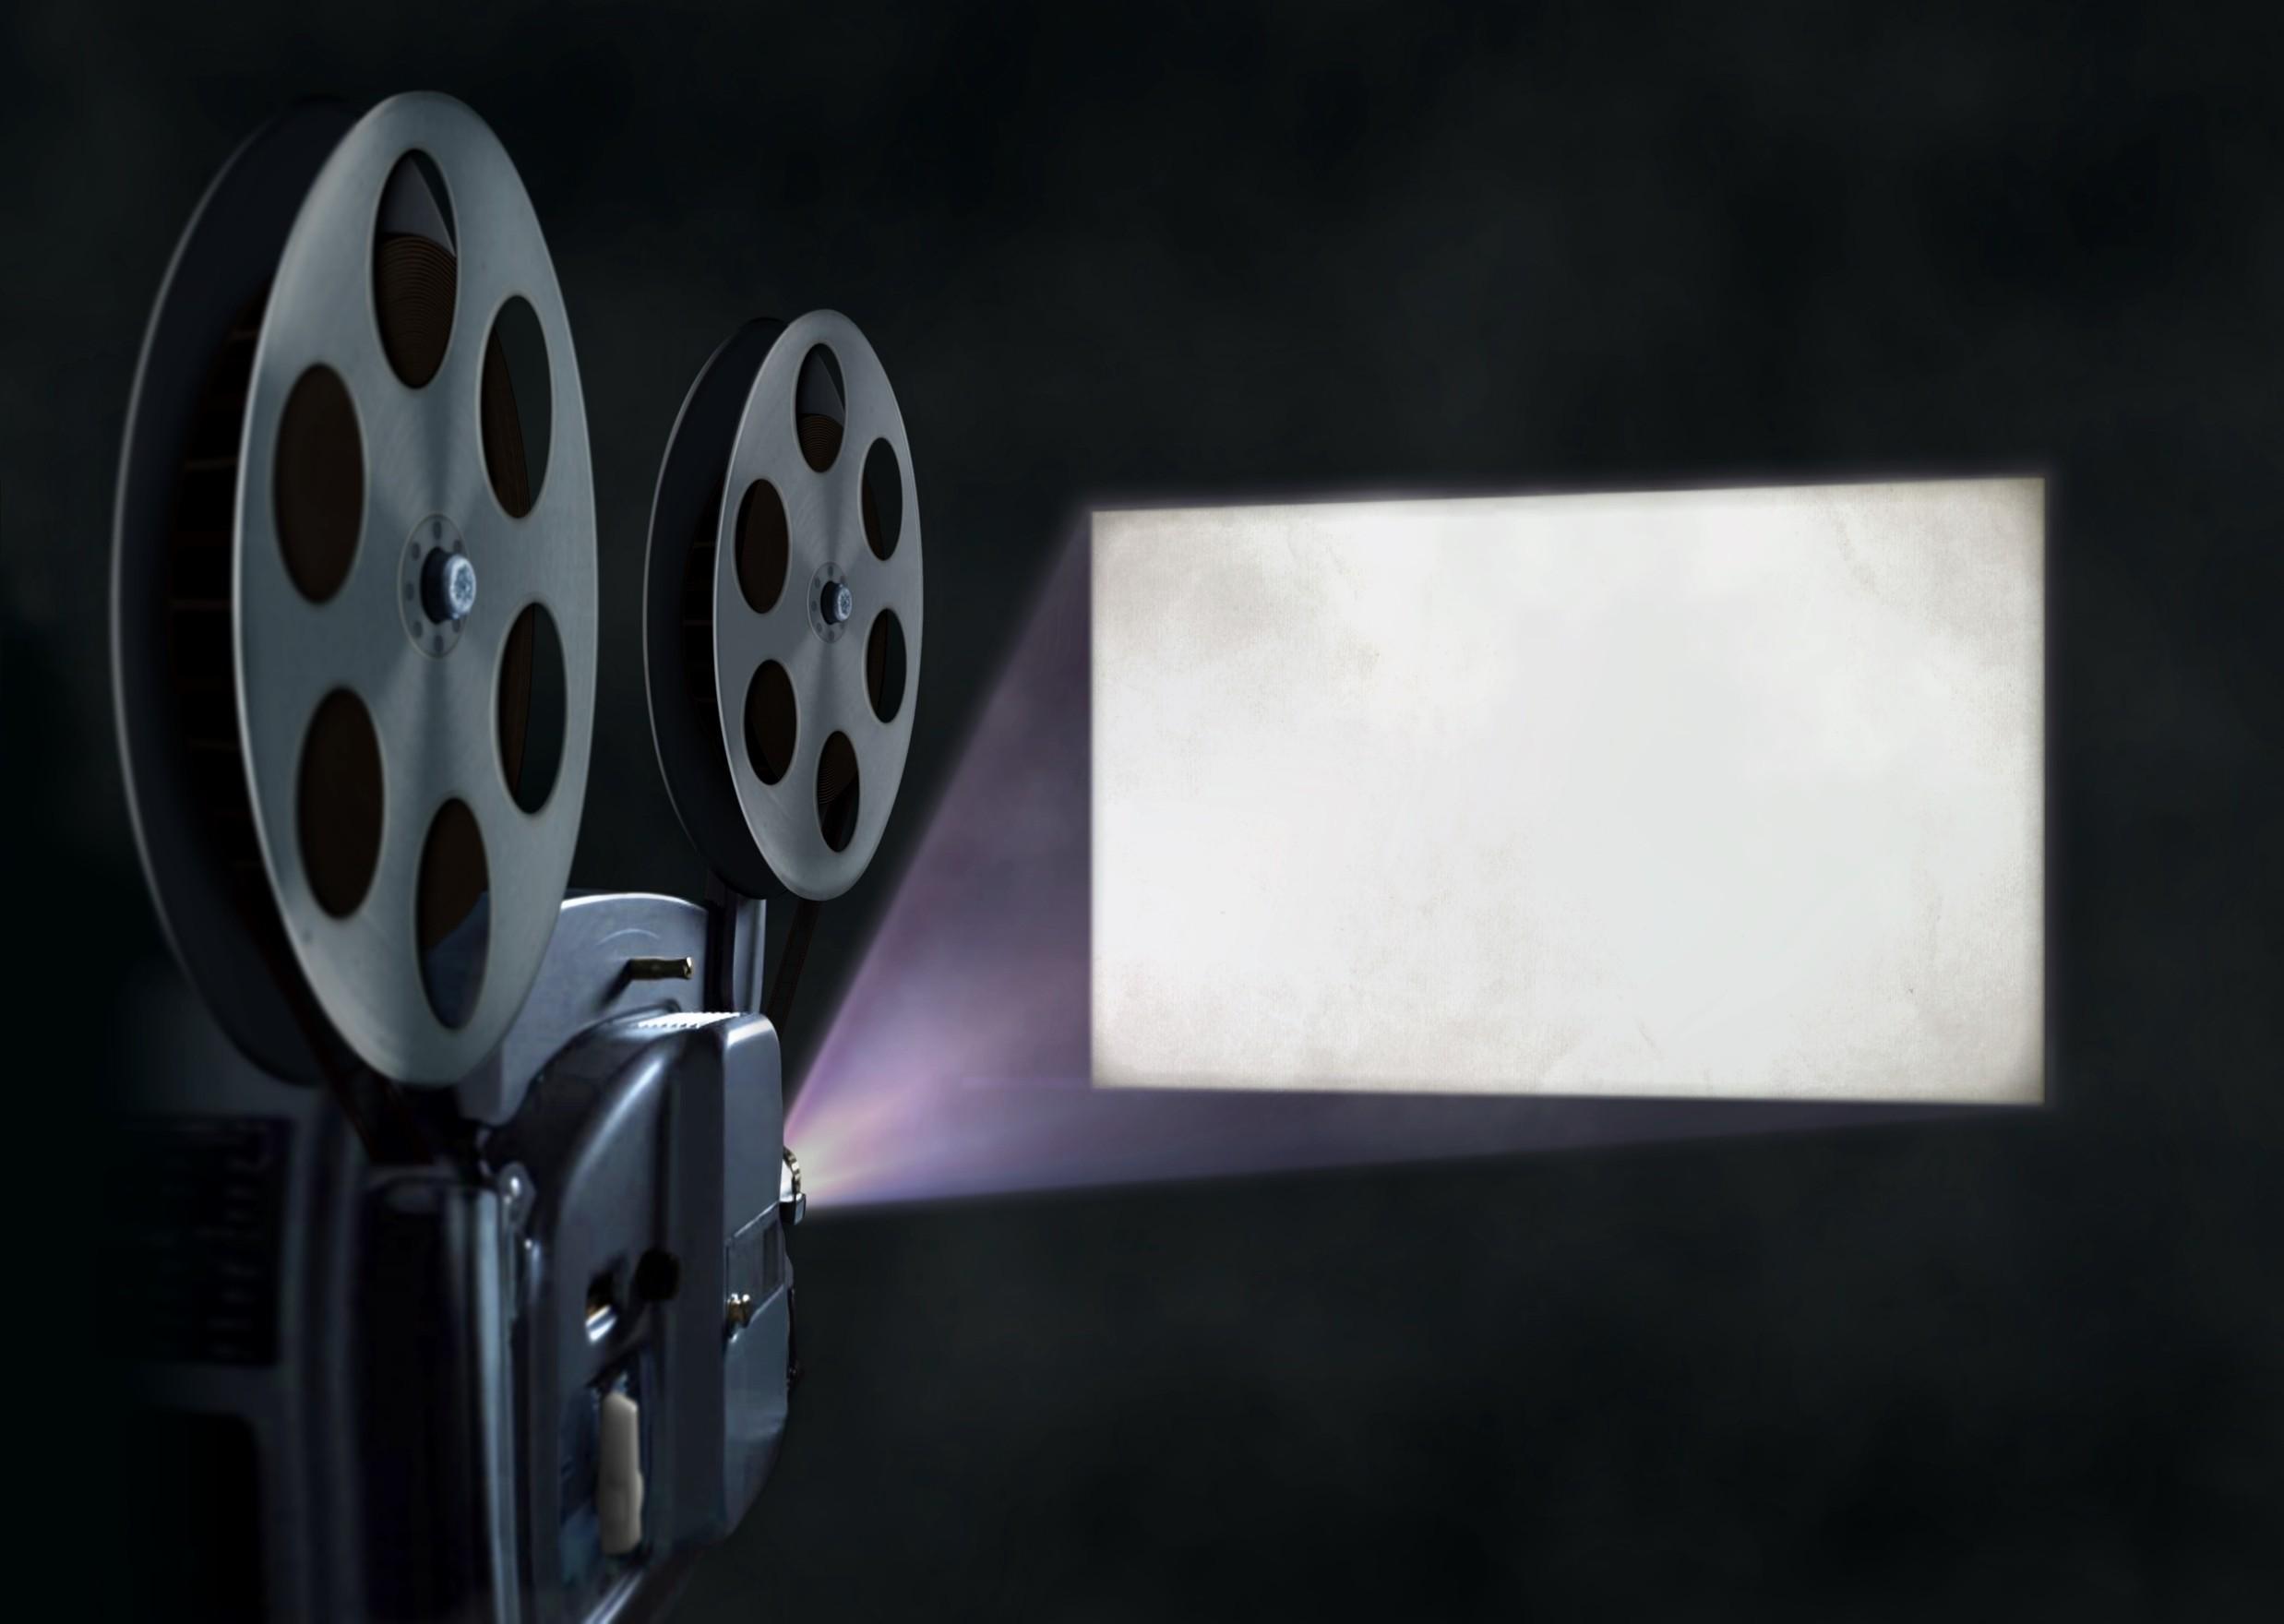 фильтр кино в картинках на стену фото